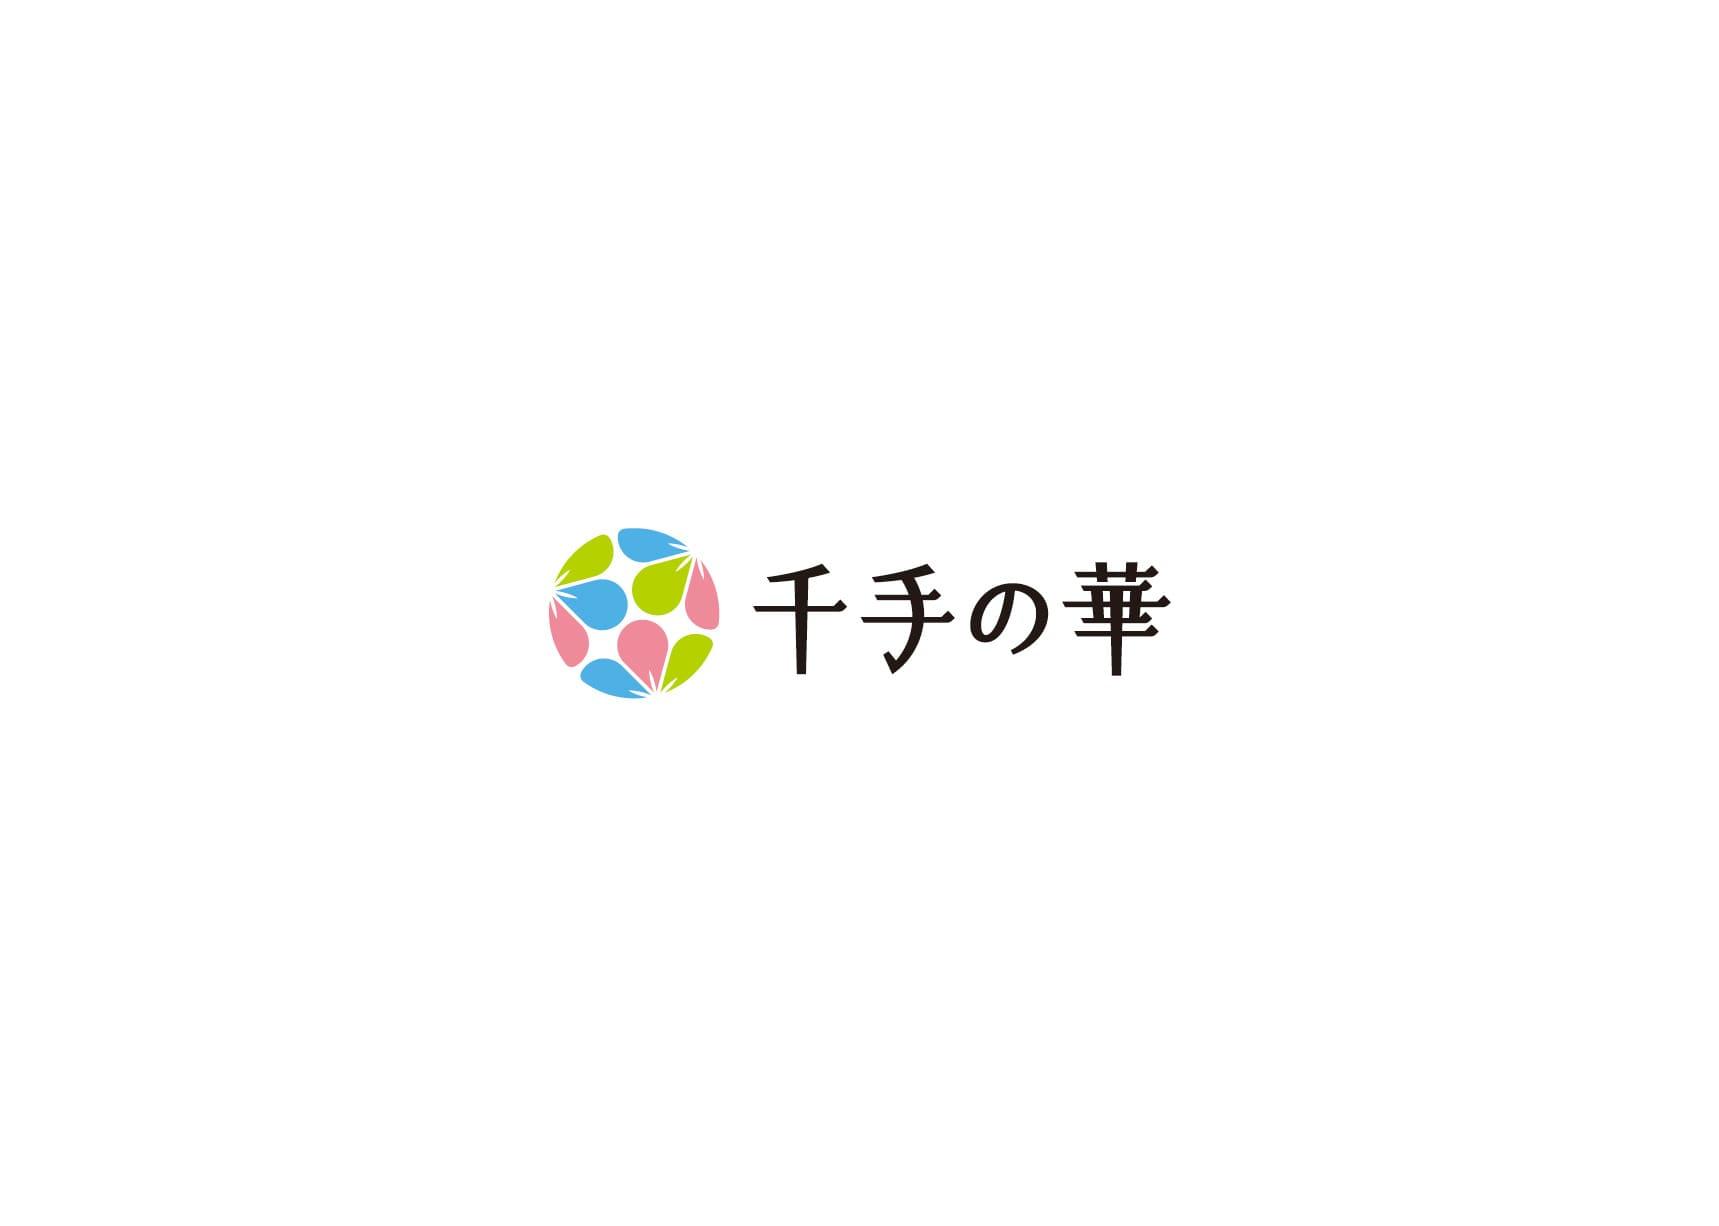 千手の華 ロゴ制作